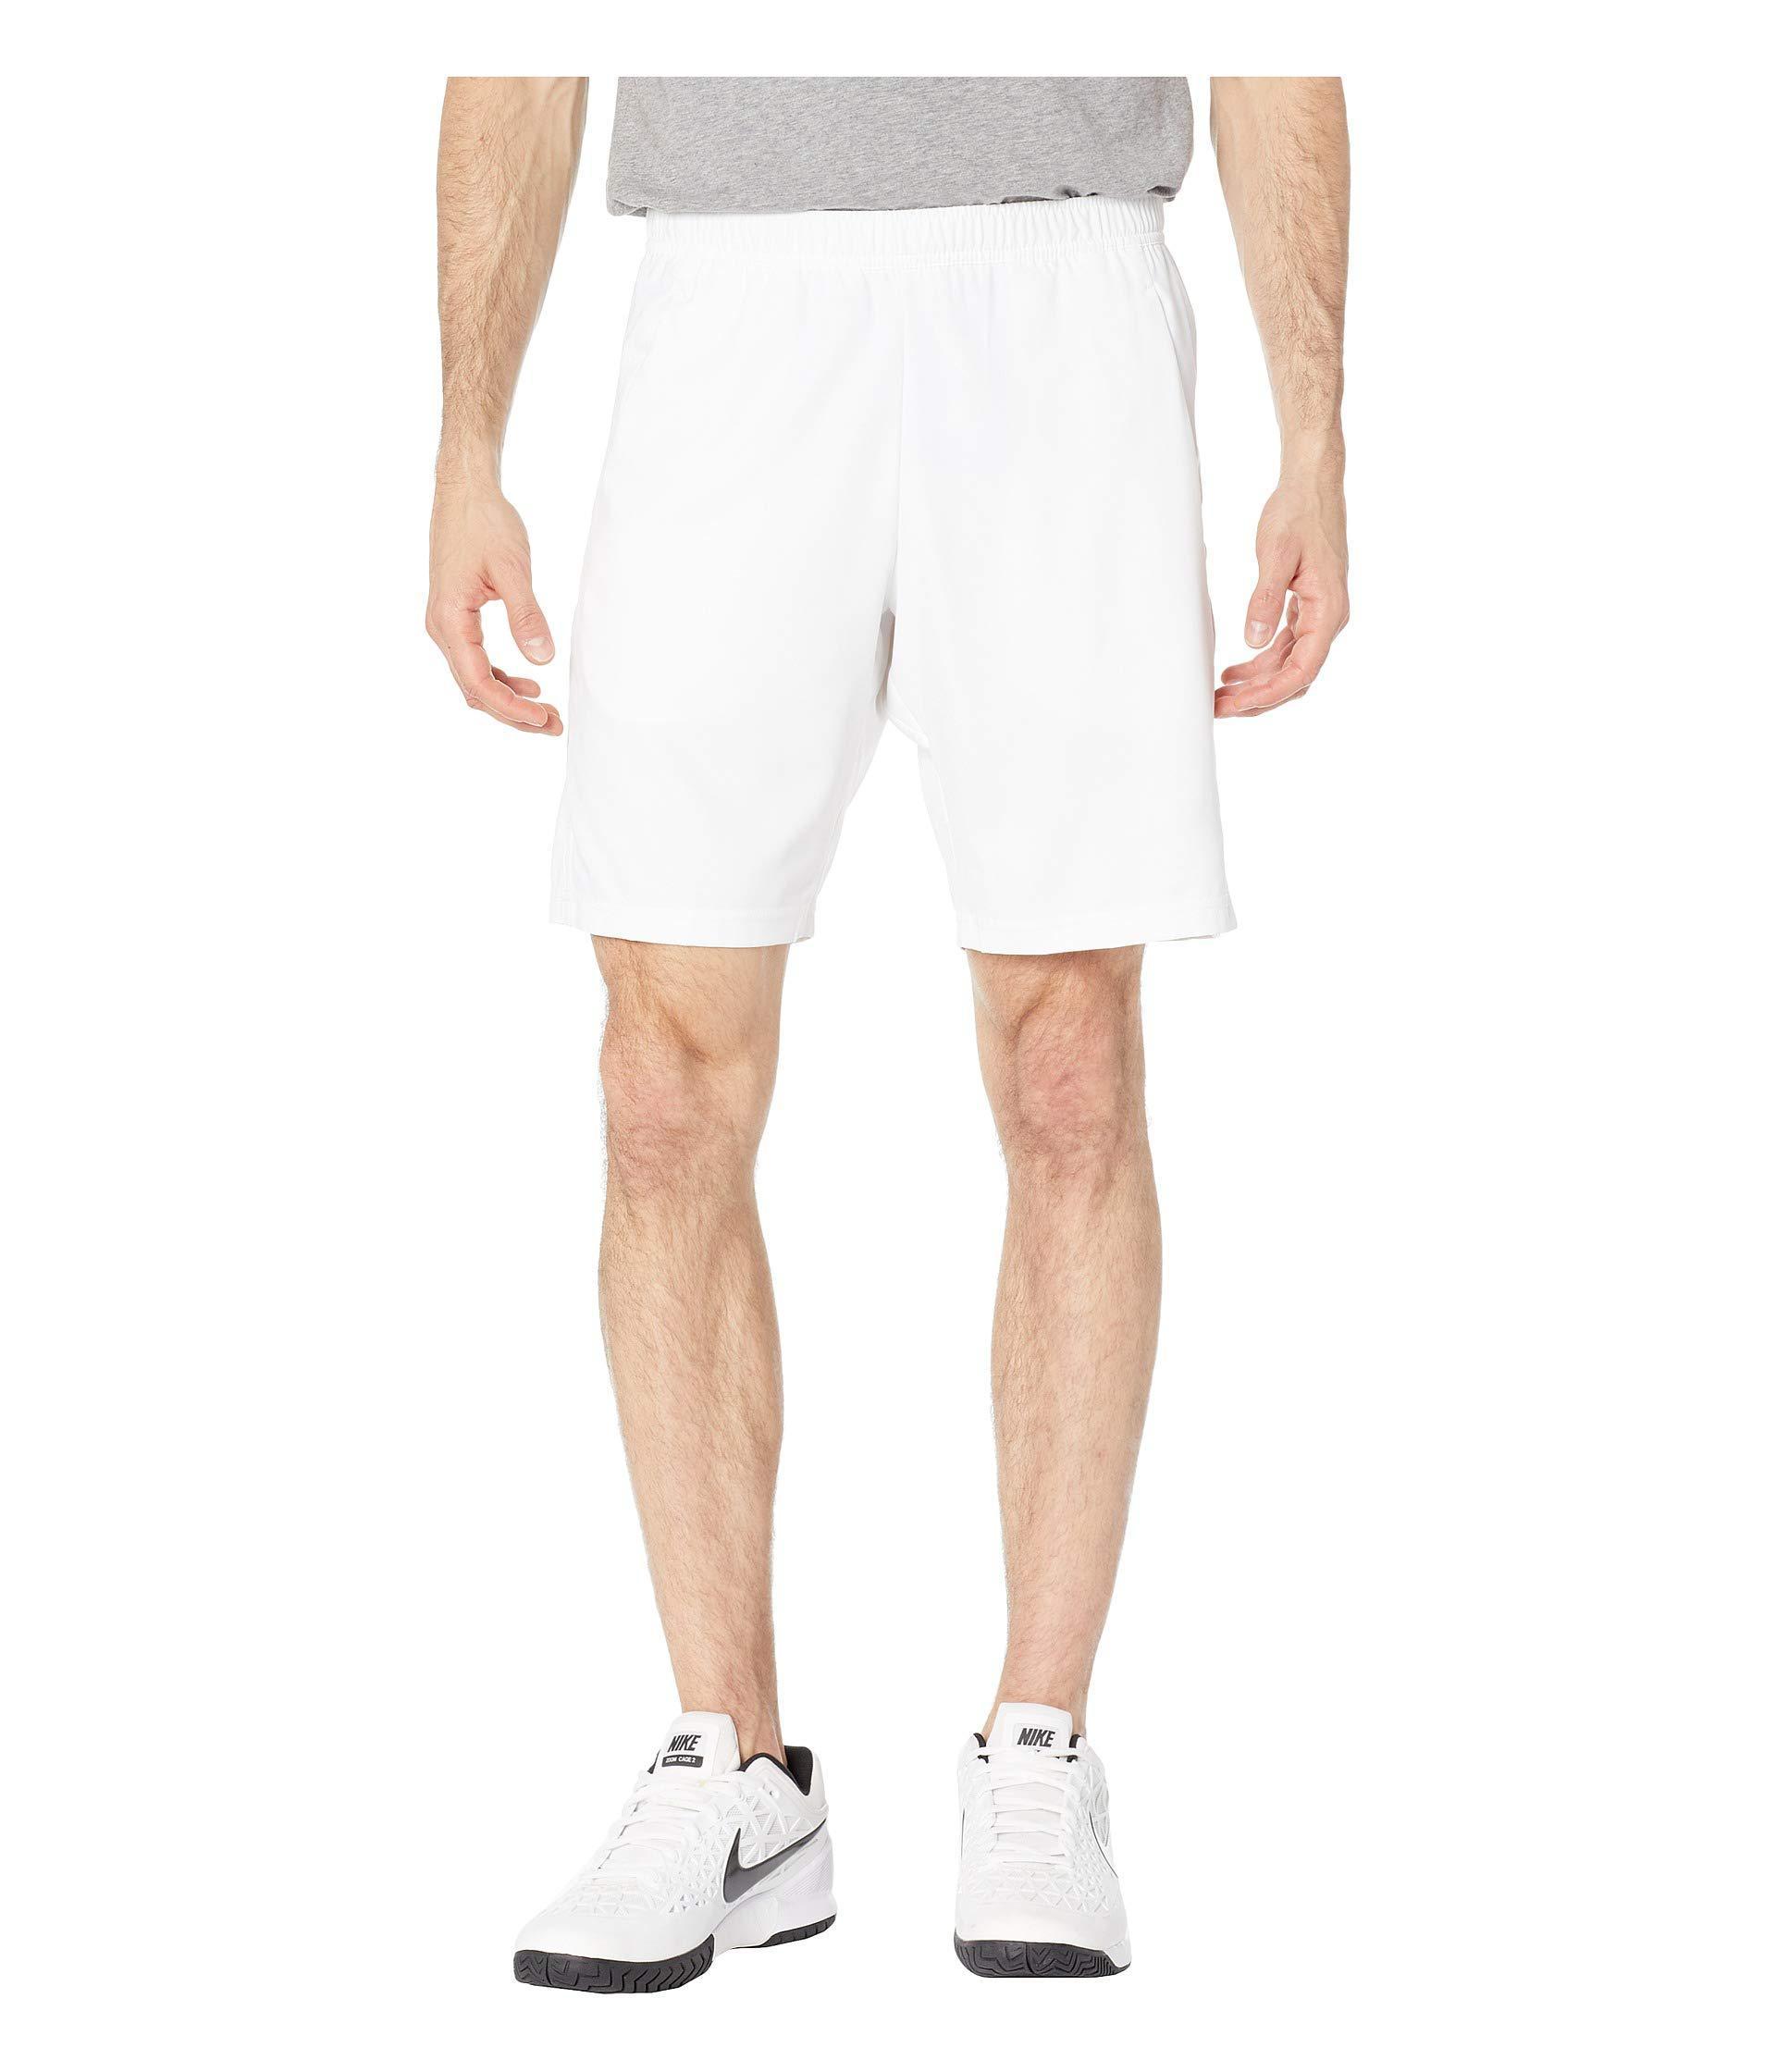 6410d40d7 Nike - Court Dry Shorts 9 (black/white/white) Men's Shorts for. View  fullscreen